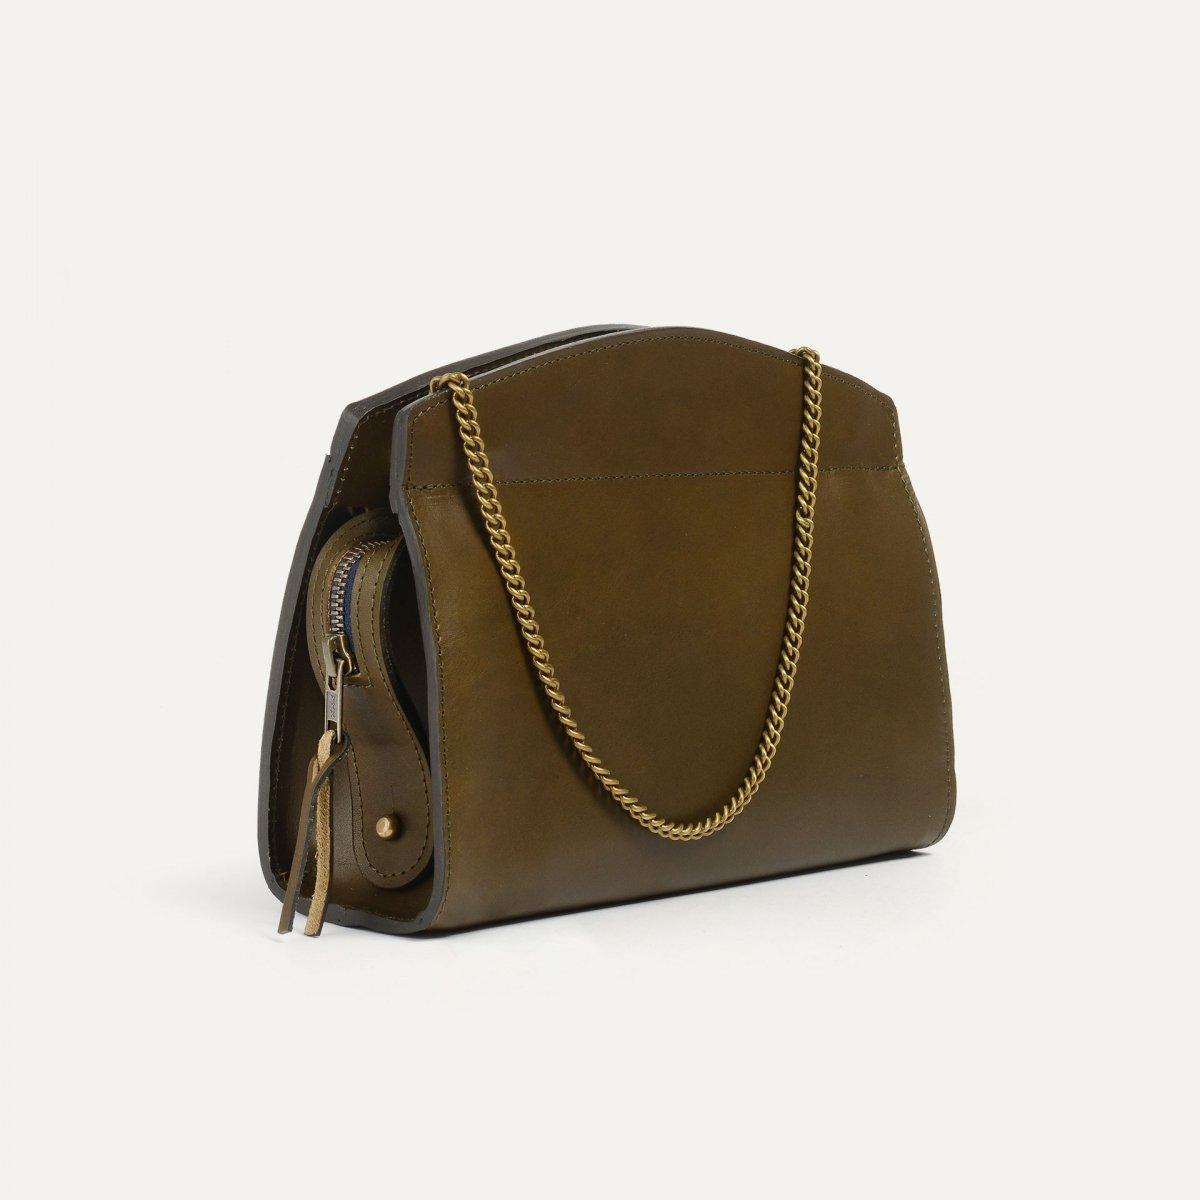 Origami S Zipped clutch bag - Khaki (image n°4)